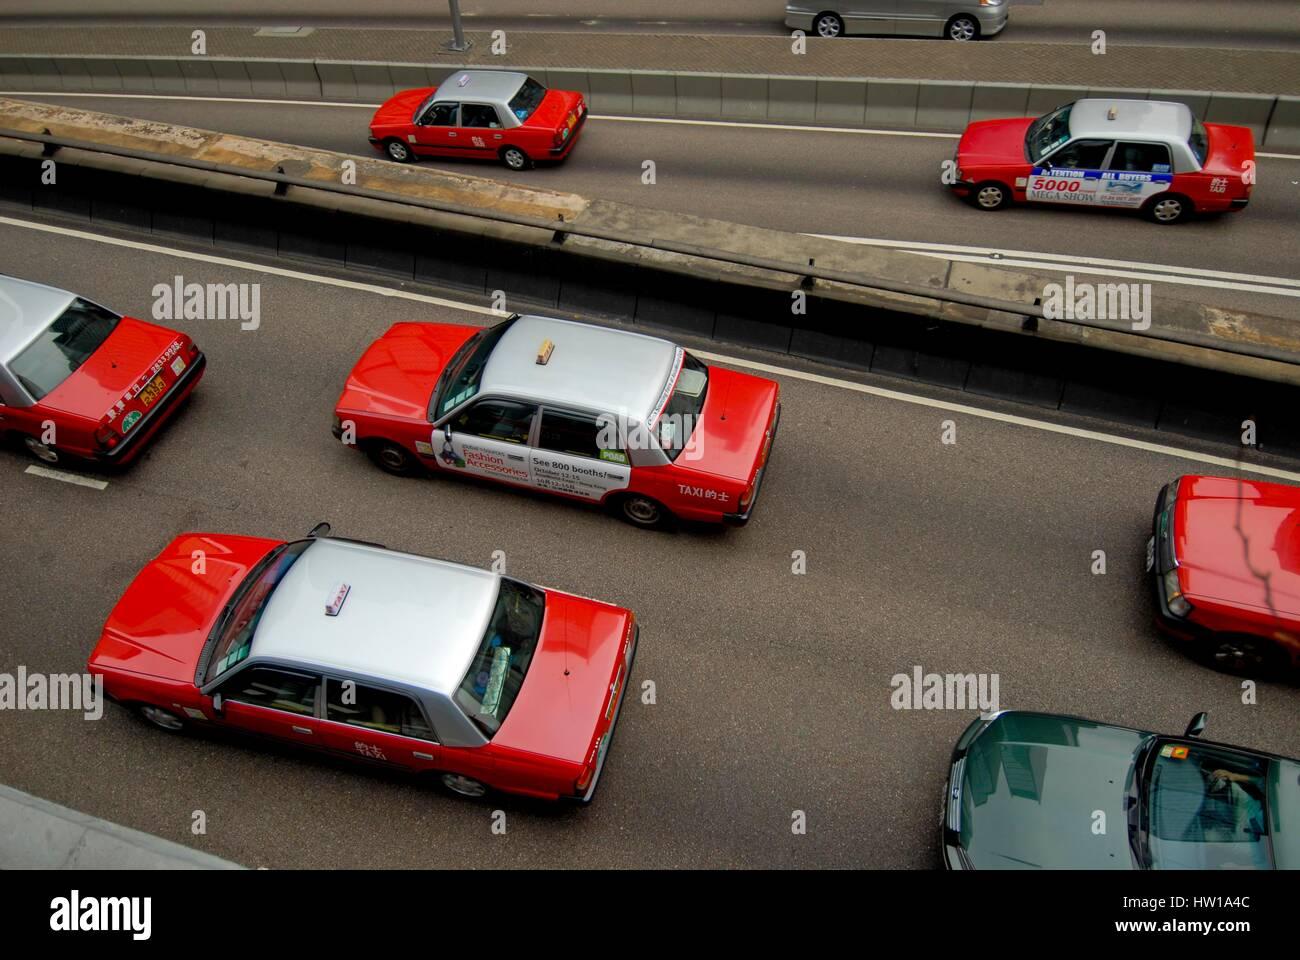 China - Hong Kong - taxi, China - Hong Kong  -  Taxi Stock Photo